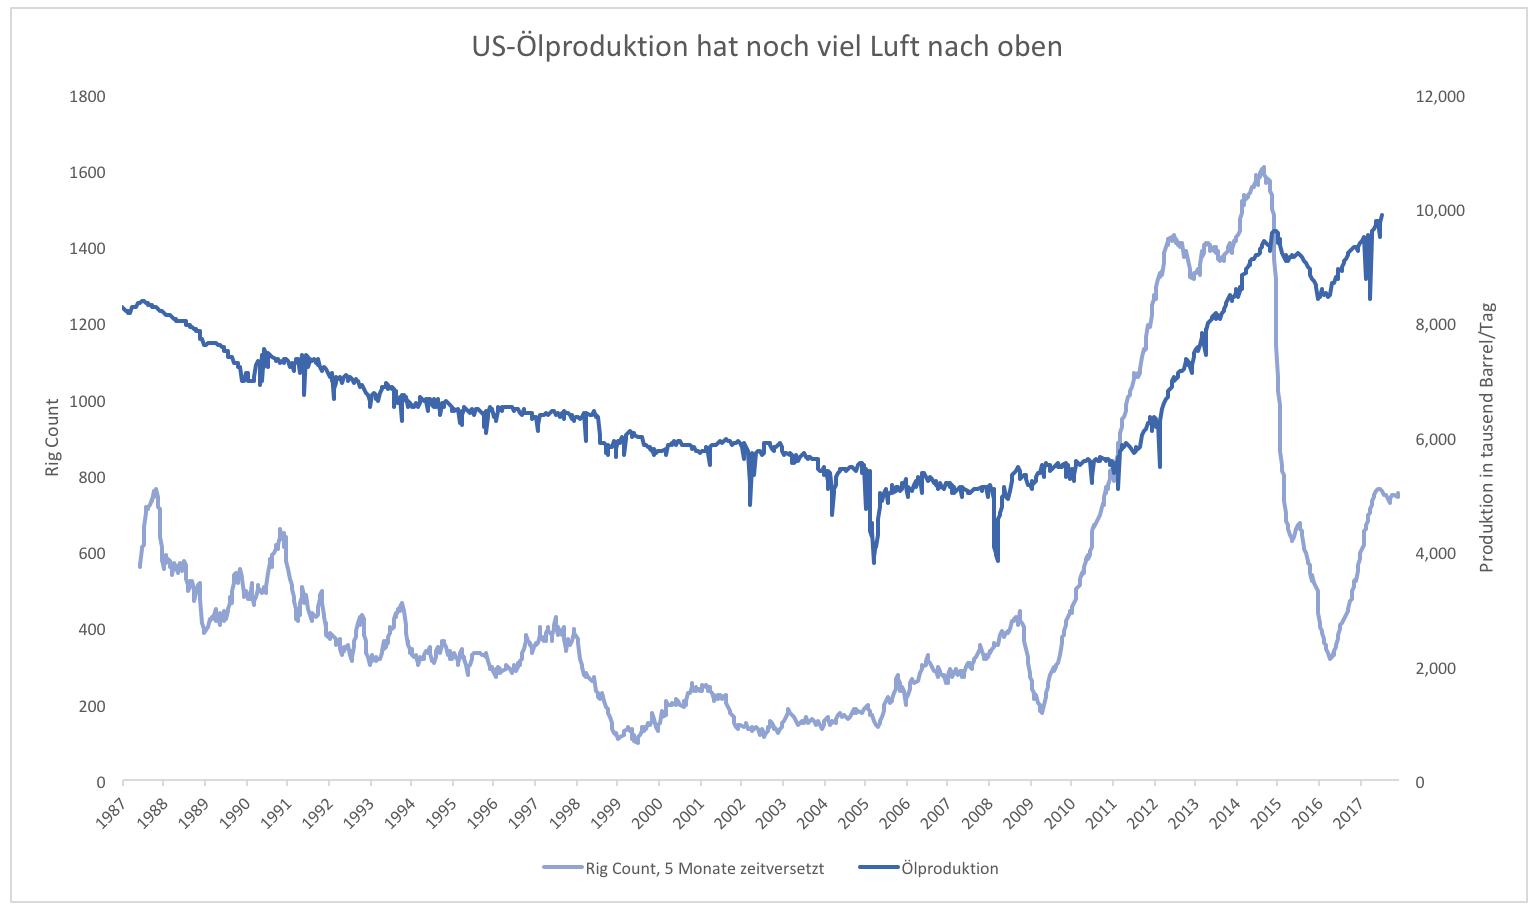 2018-Das-Jahr-des-Ölrekords-Kommentar-Clemens-Schmale-GodmodeTrader.de-2